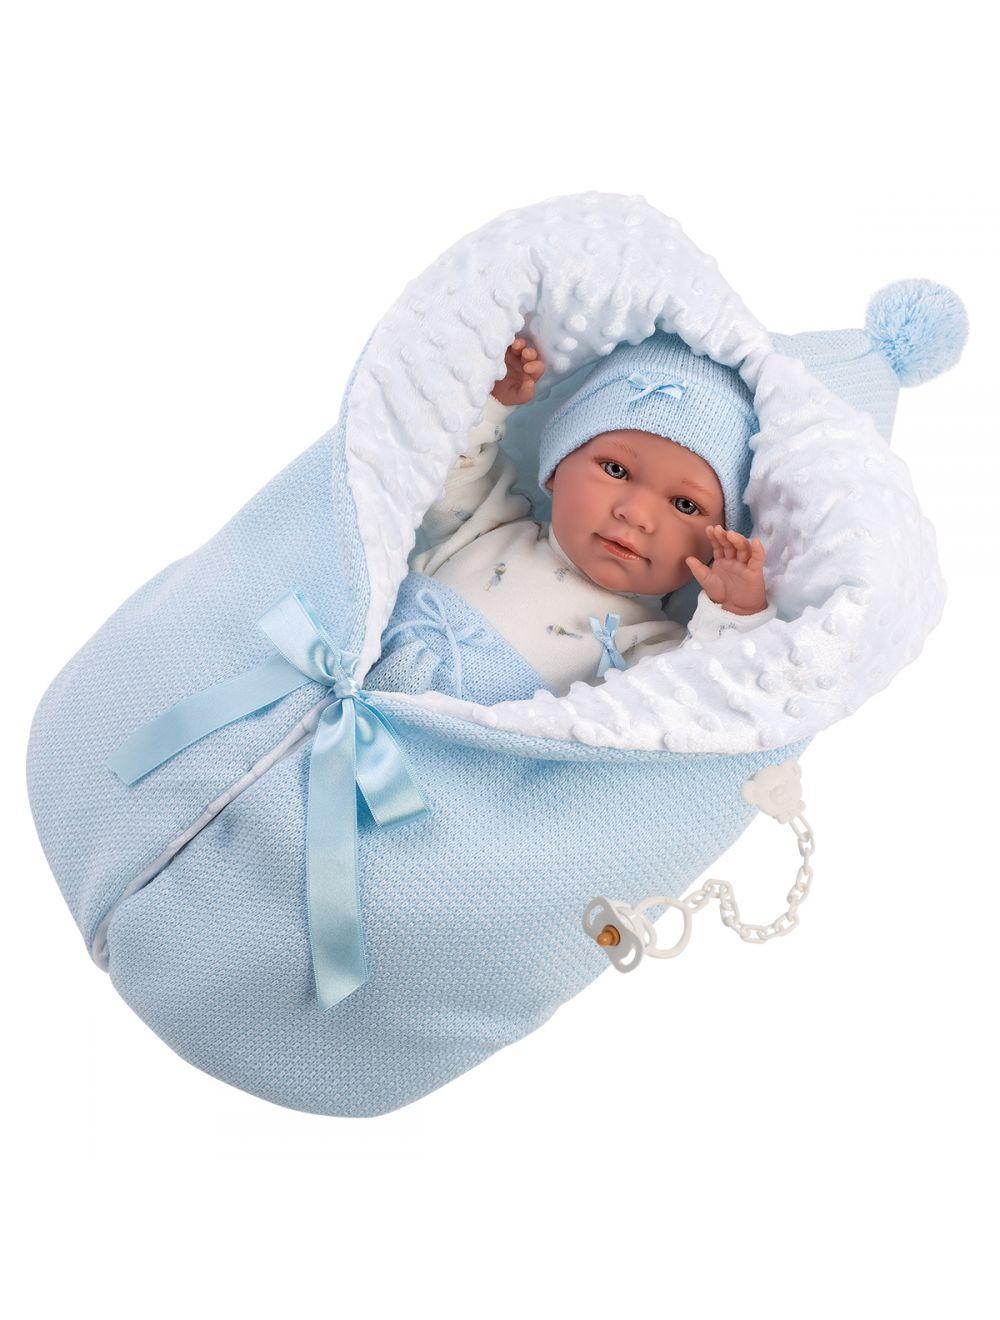 Llorens 74075 Lalka płacząca bobas chłopiec